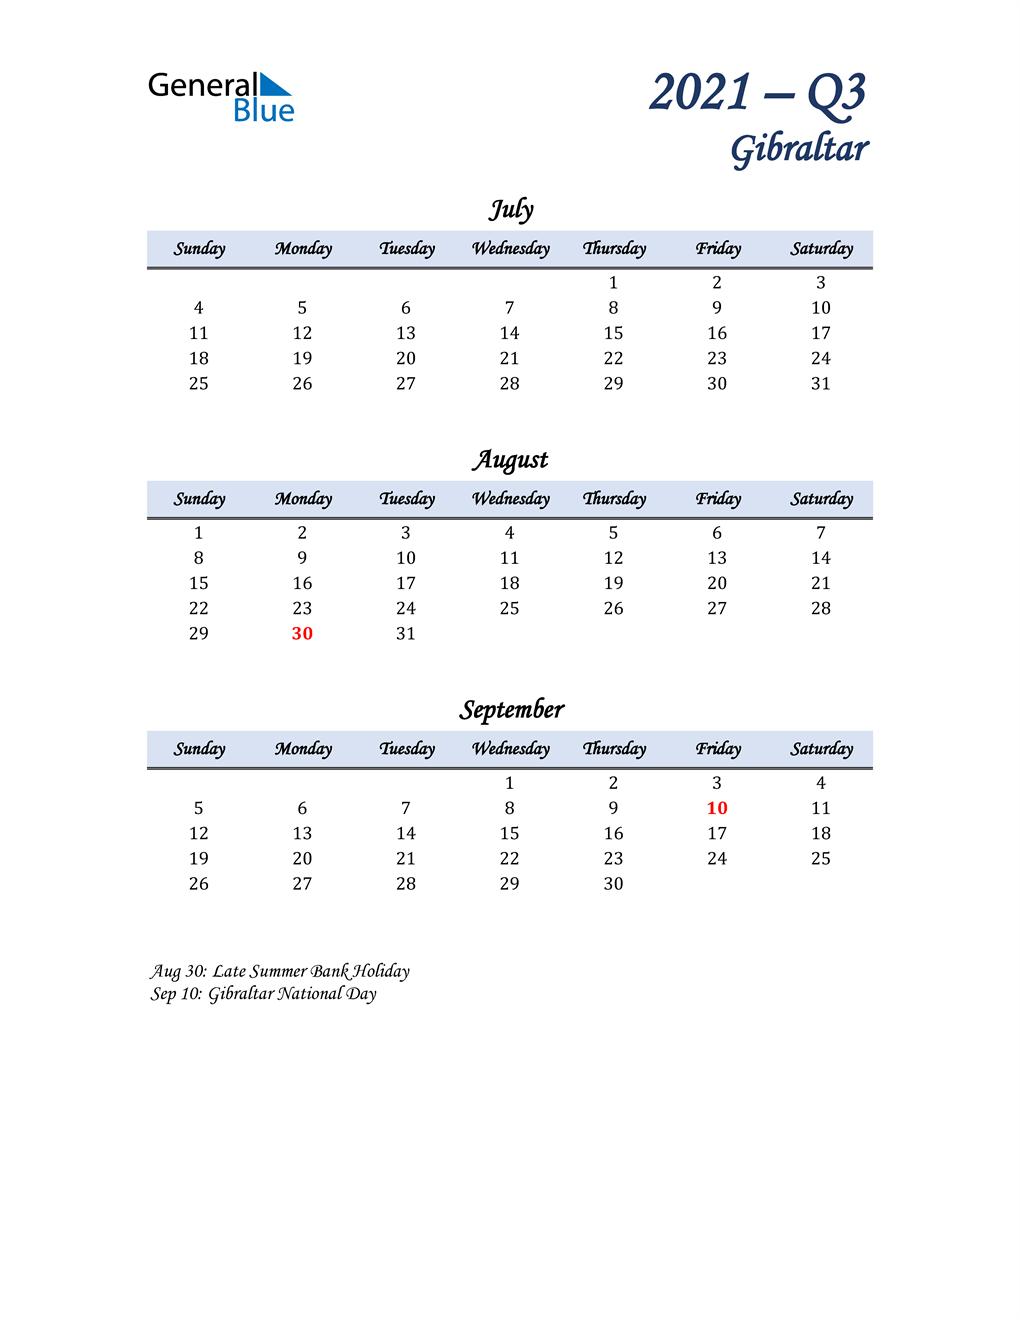 July, August, and September Calendar for Gibraltar